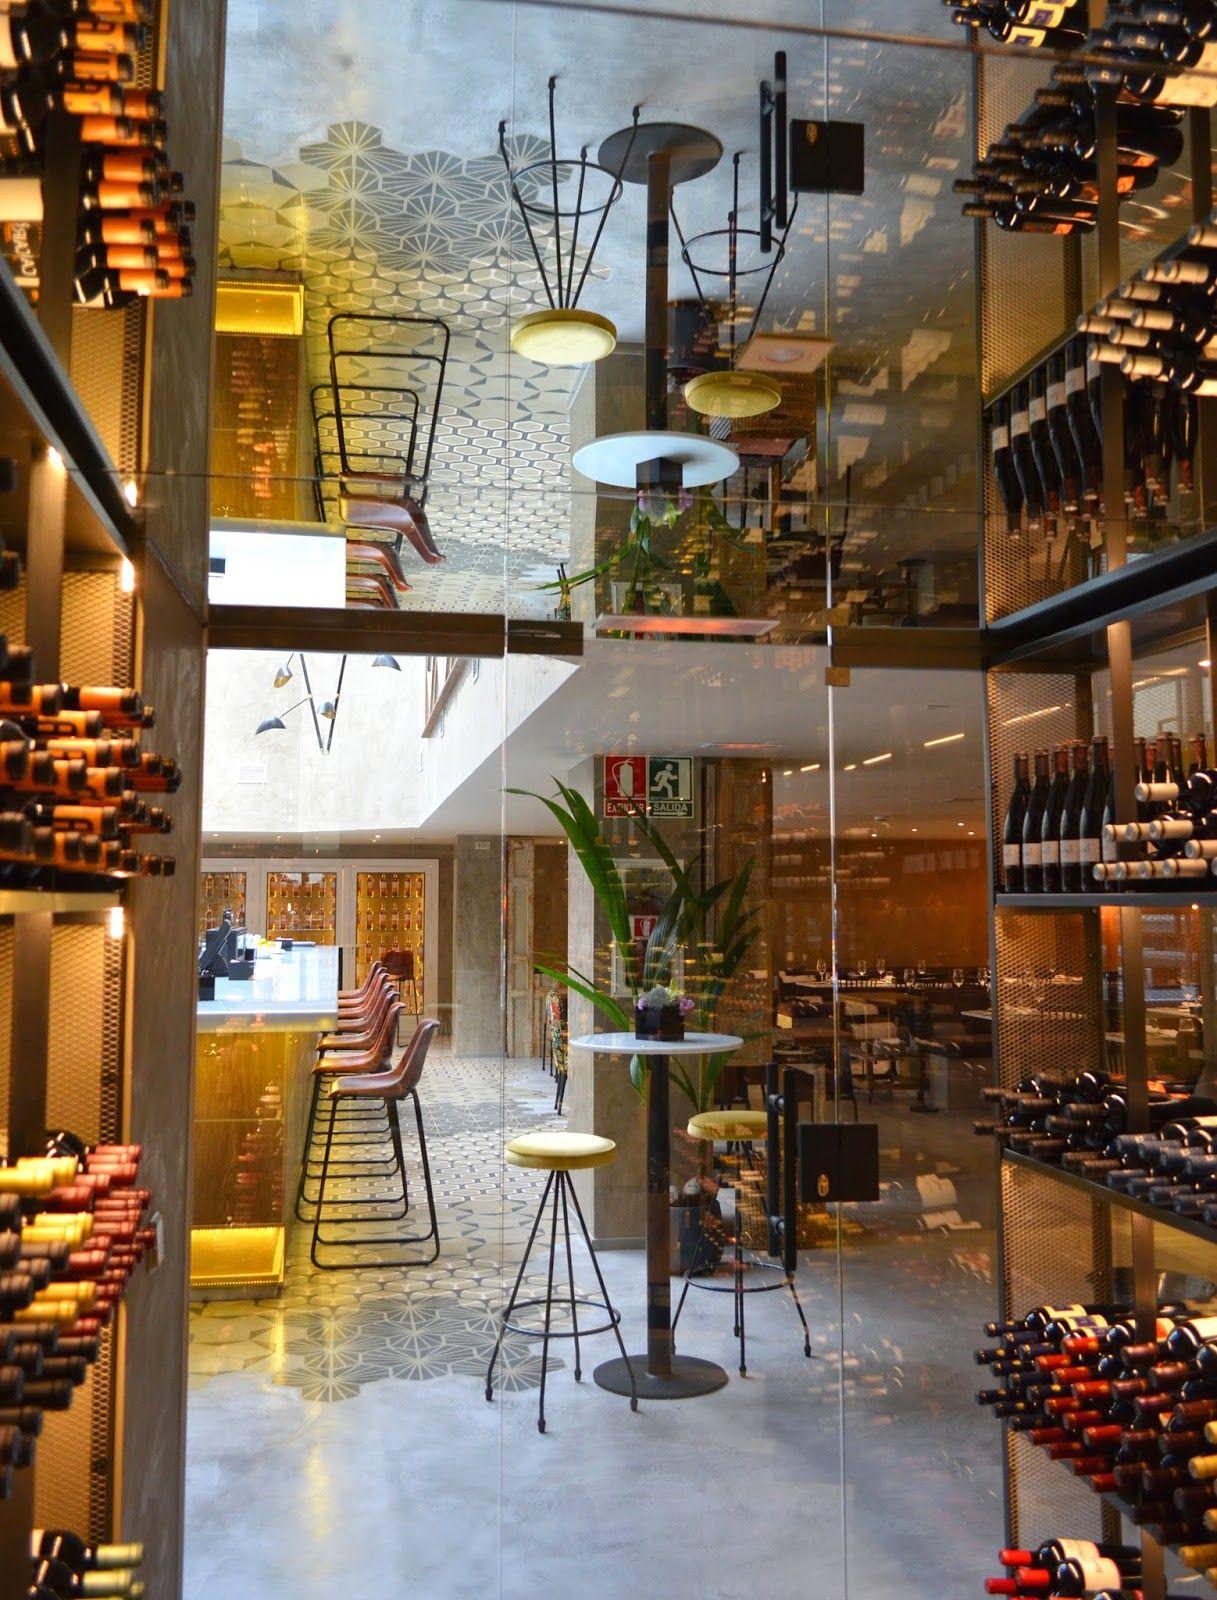 Cafe Colon Madrid Uno De Mis Favoritos Decoracion Restaurantes Hotel Con Encanto Restaurantes